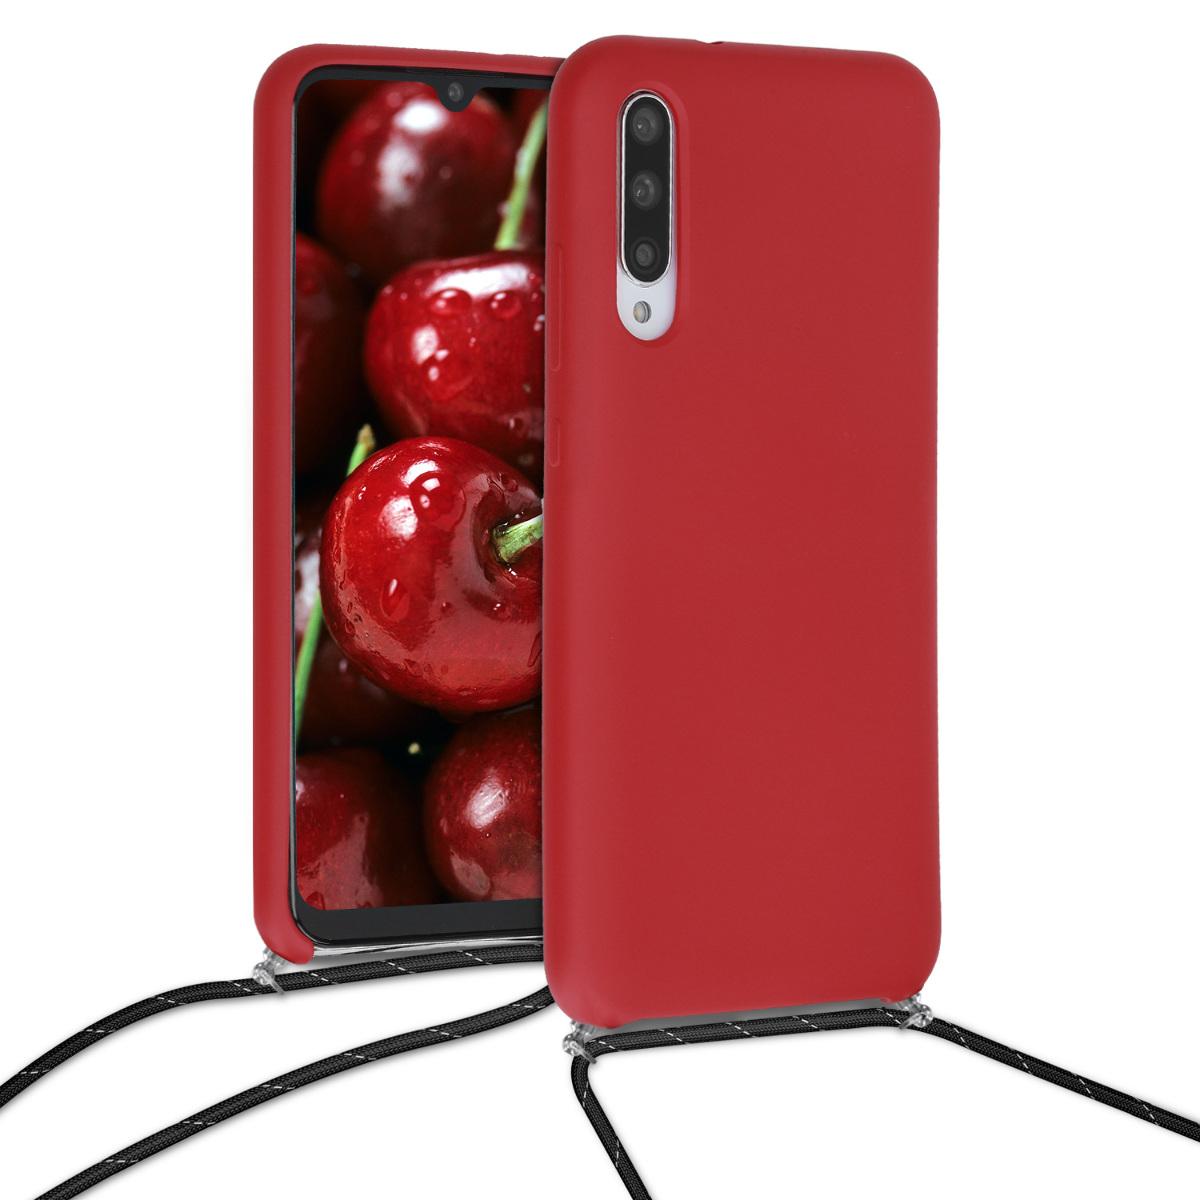 KW Θήκη Σιλικόνης με Λουράκι Λαιμού Xiaomi Mi A3 - Dark Red / Black (50614.20)